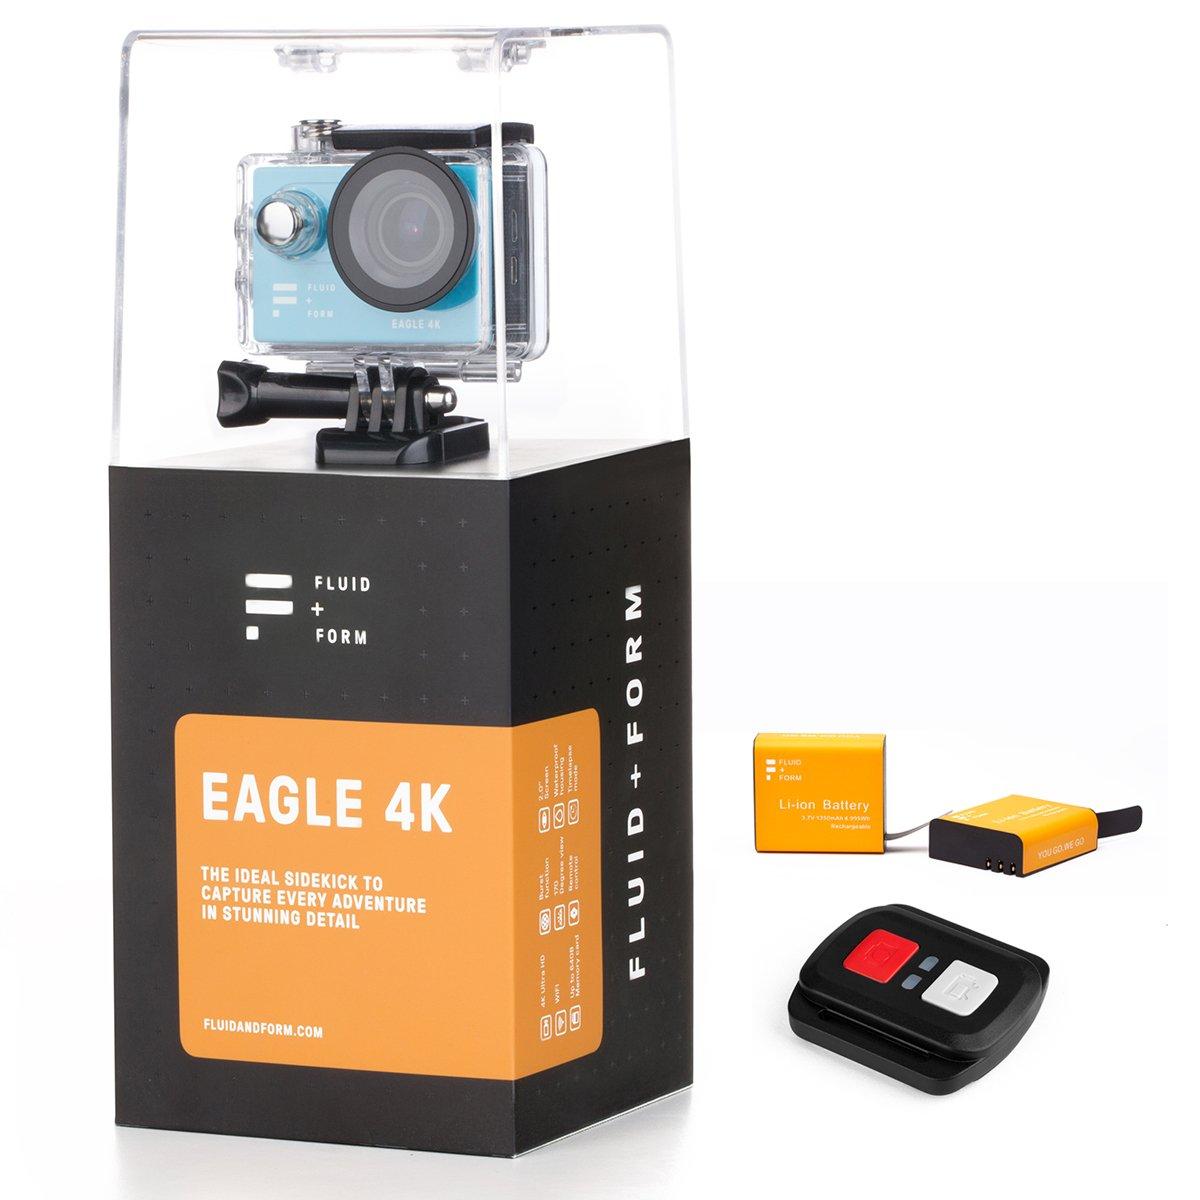 Action-Kamera - Action Cam 4K von FLUID & FORM - Schnelle und einfache WIFI & iSmart App - Praktische 2,4 G-Fernbedienung - Langlebige 1350 mAh Batterien (2 Batterien enthalten)